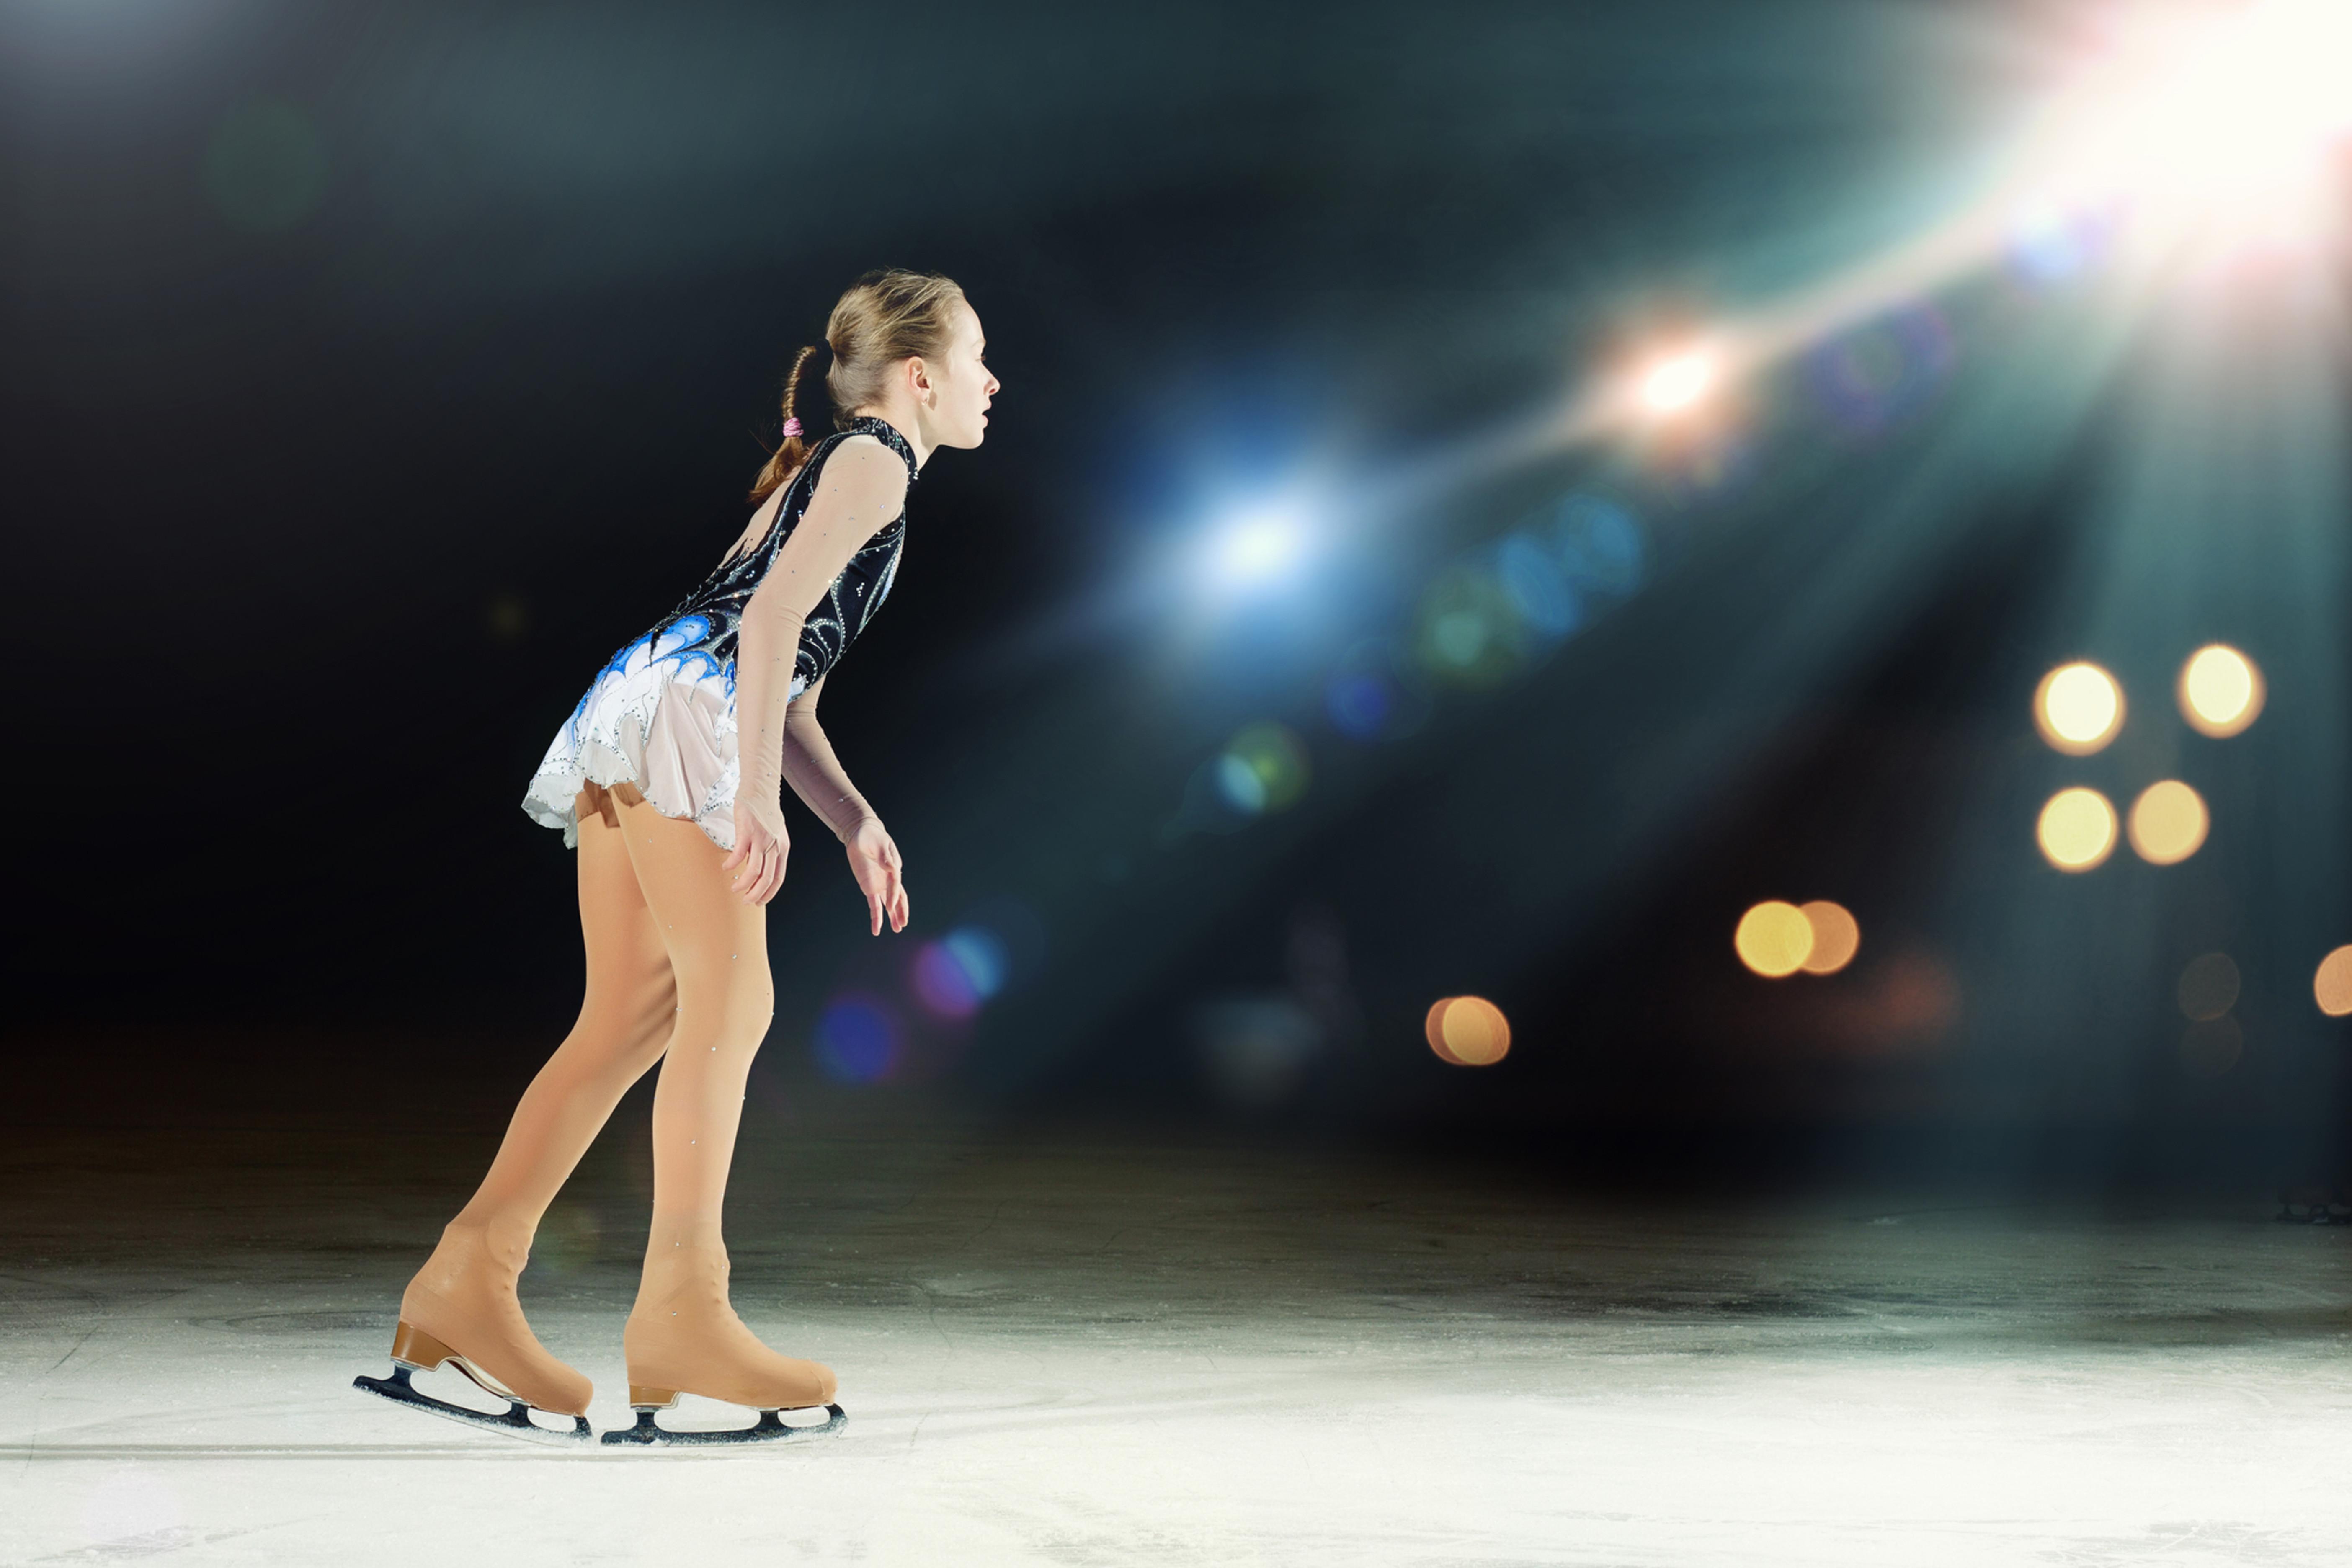 フィギアスケート ハーネストレーニング